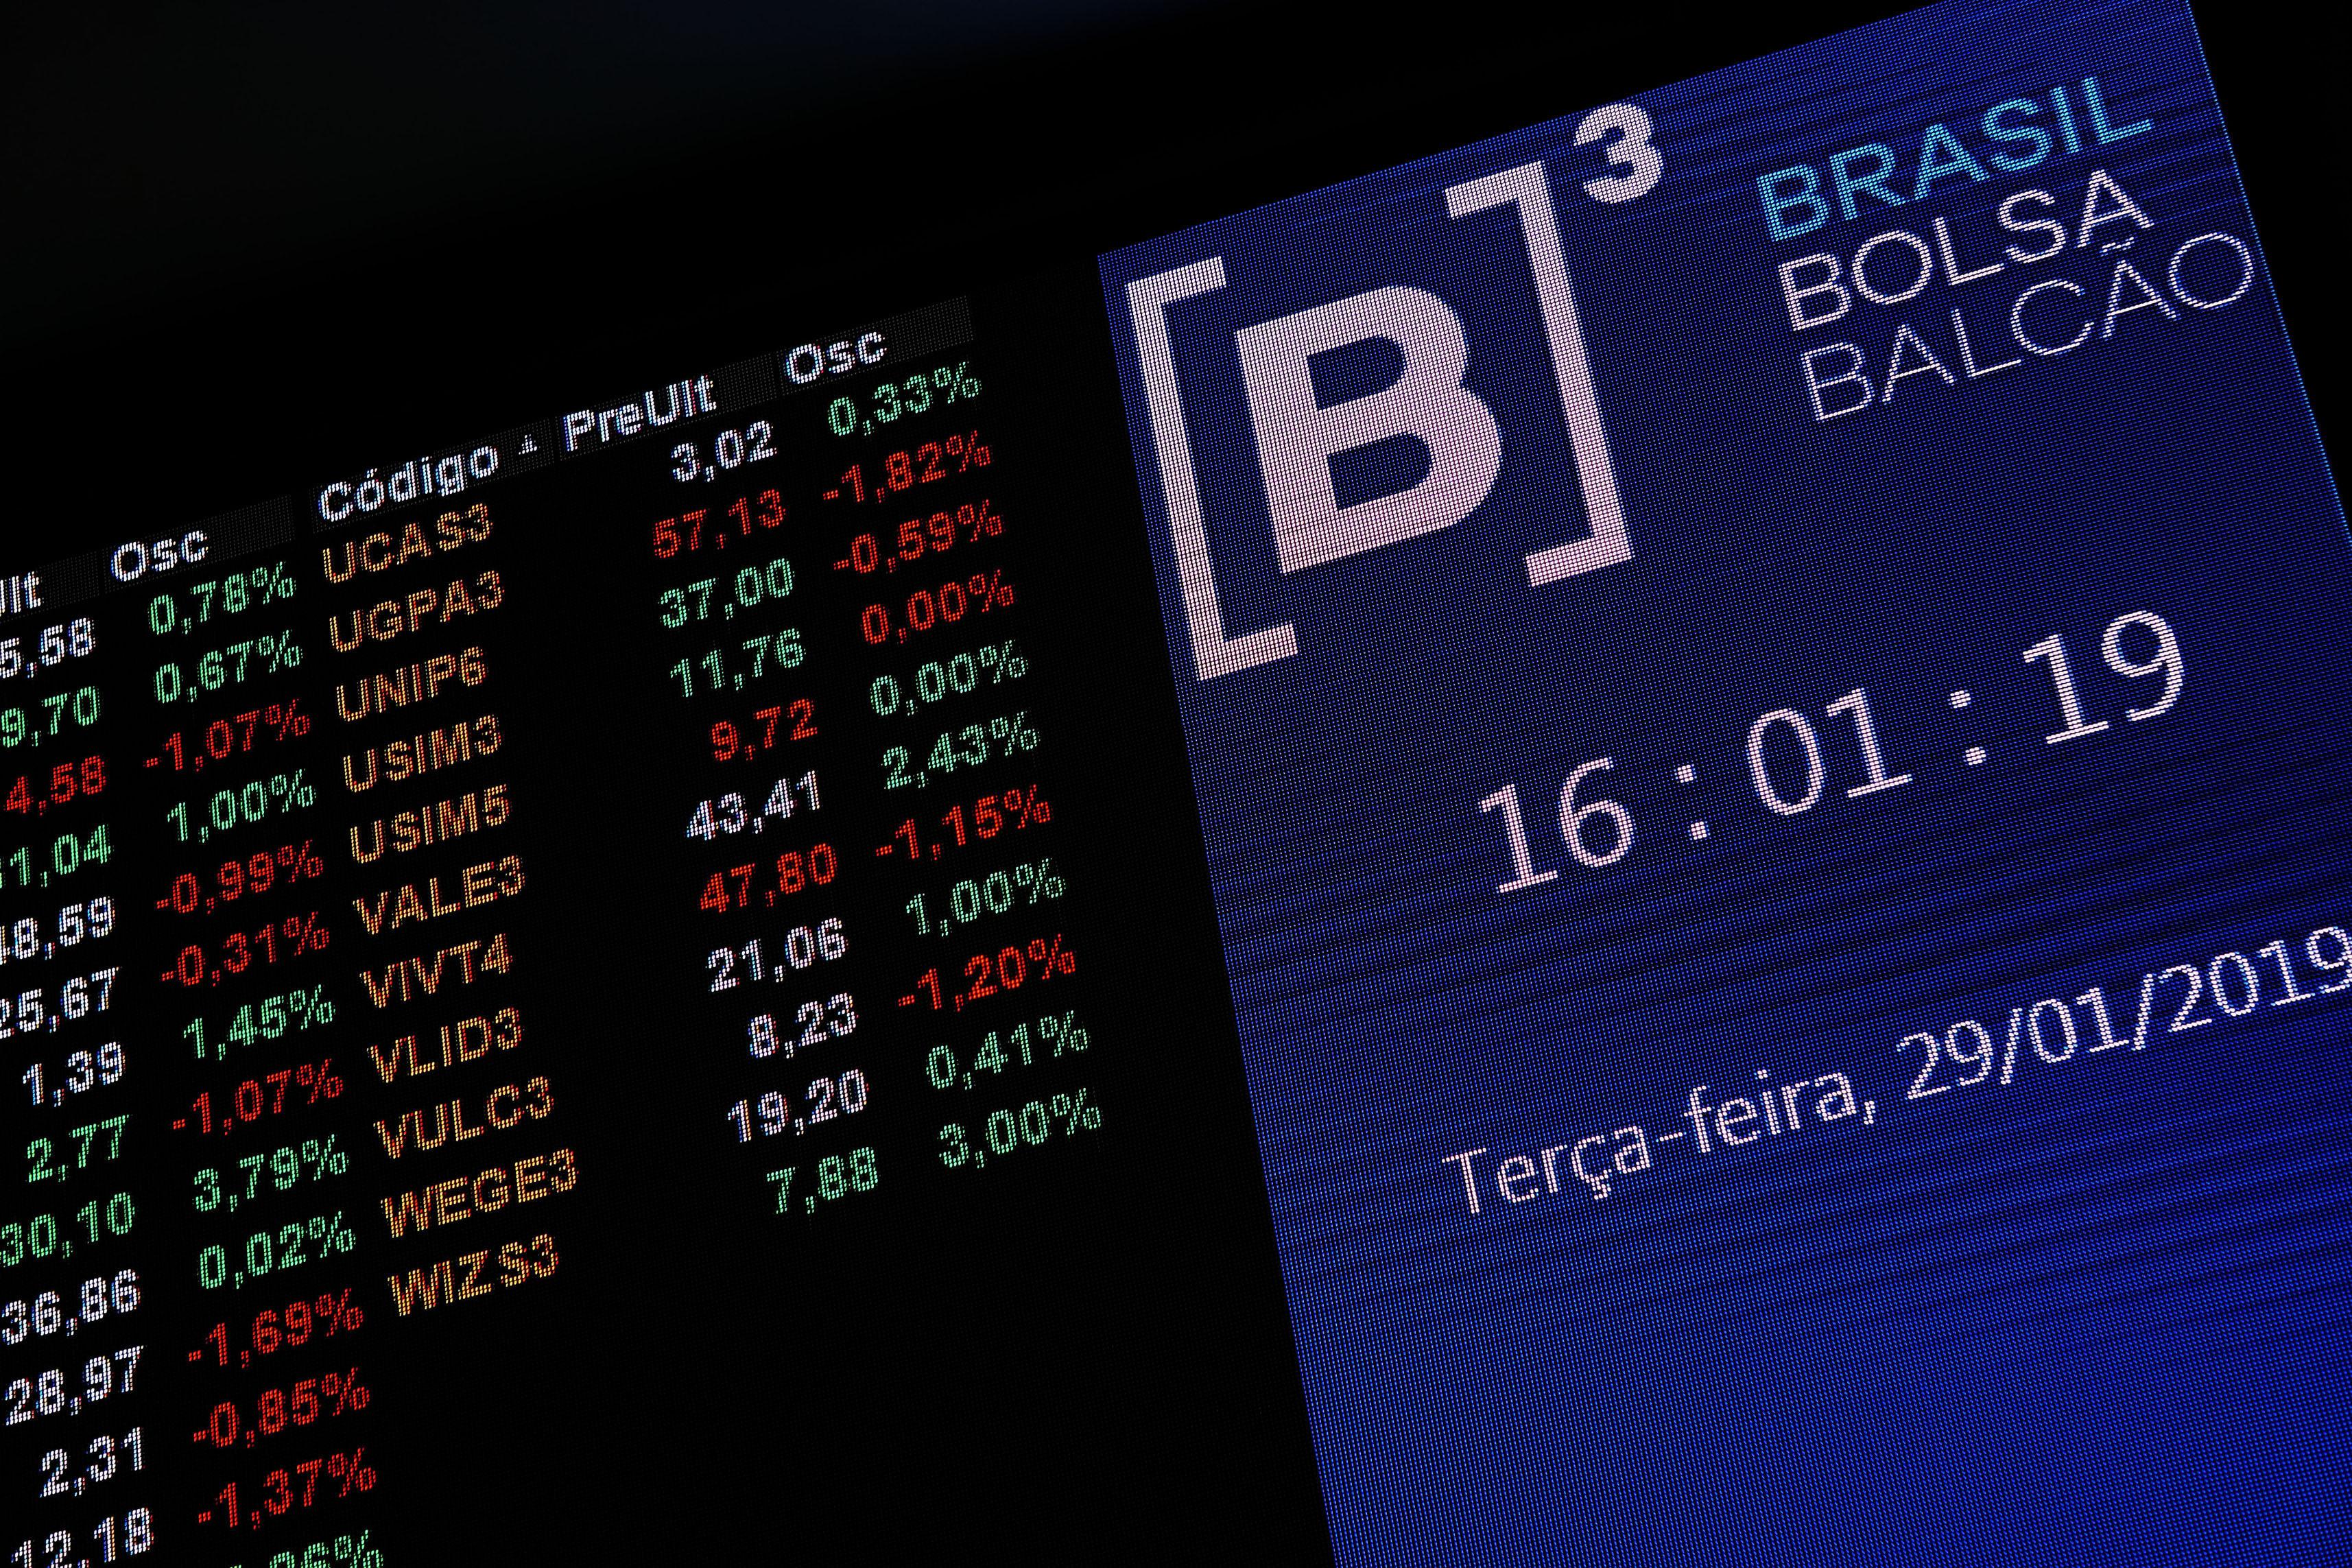 IMAGEM: Caso Petrobras: Associação Brasileira de Investidores pede à CVM investigação por 'insider trading'